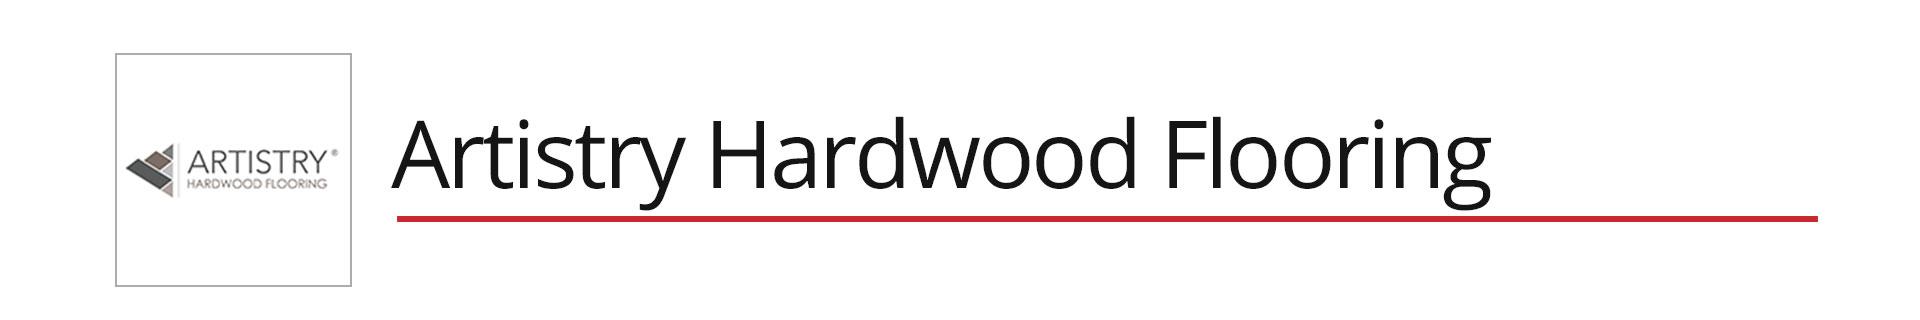 Artistry-Hardwood-Flooring_CADBlock-Header.jpg